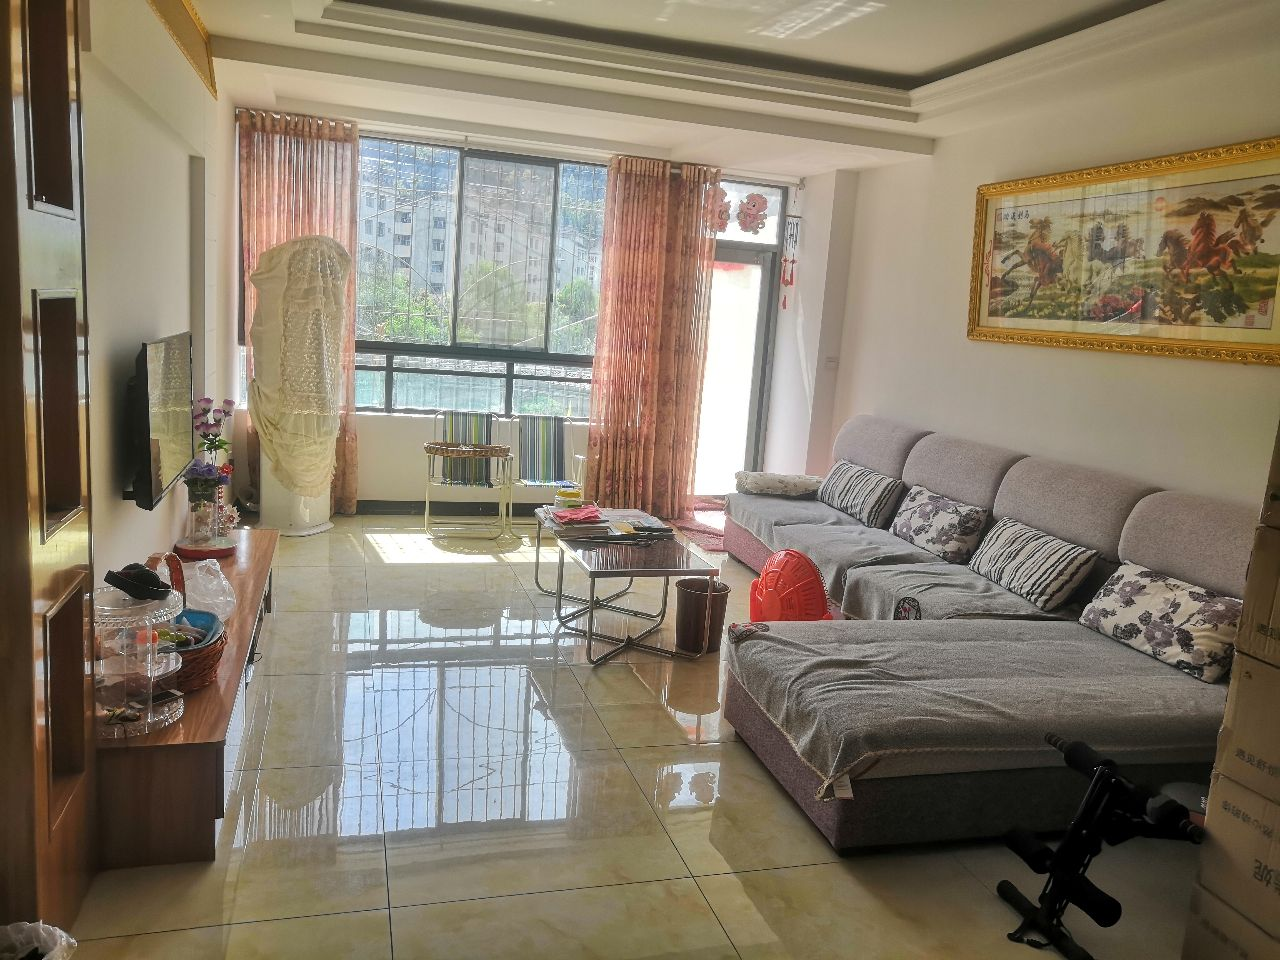 龙腾苑 容邦国际 紫金时代 西湖名都3室 2厅 2卫60万元